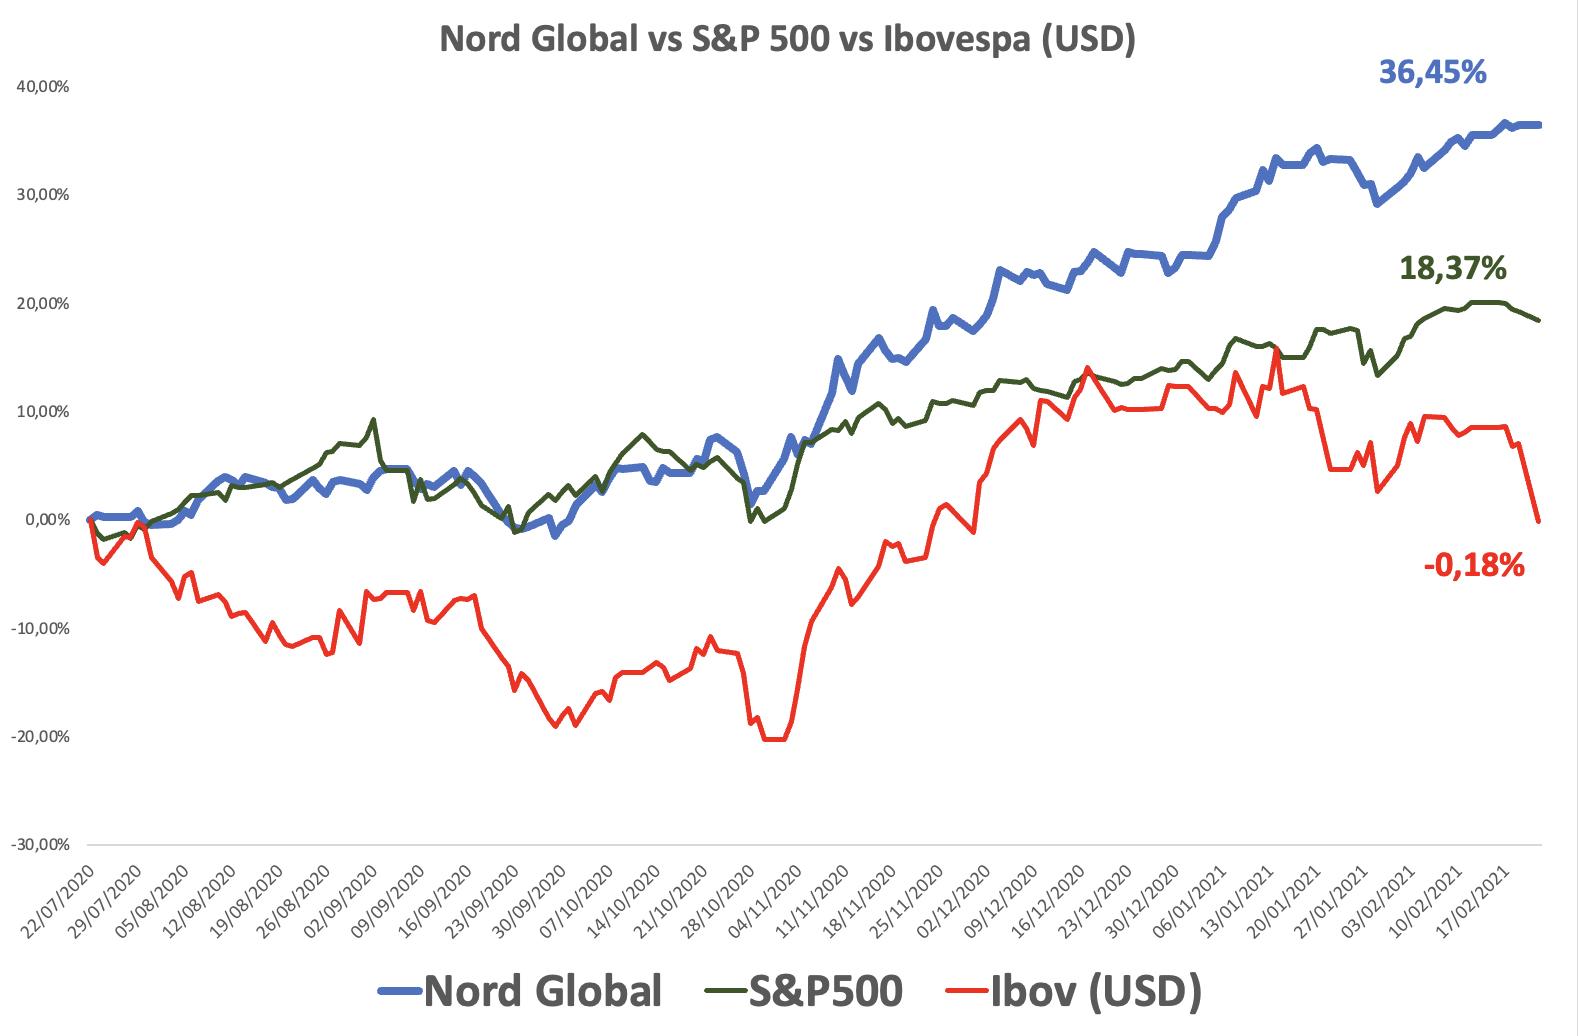 Gráfico apresenta desempenho do Nord Global vs. S&P500 vs. Ibovespa. Período: 22/07/2020 até 17/02/2021.